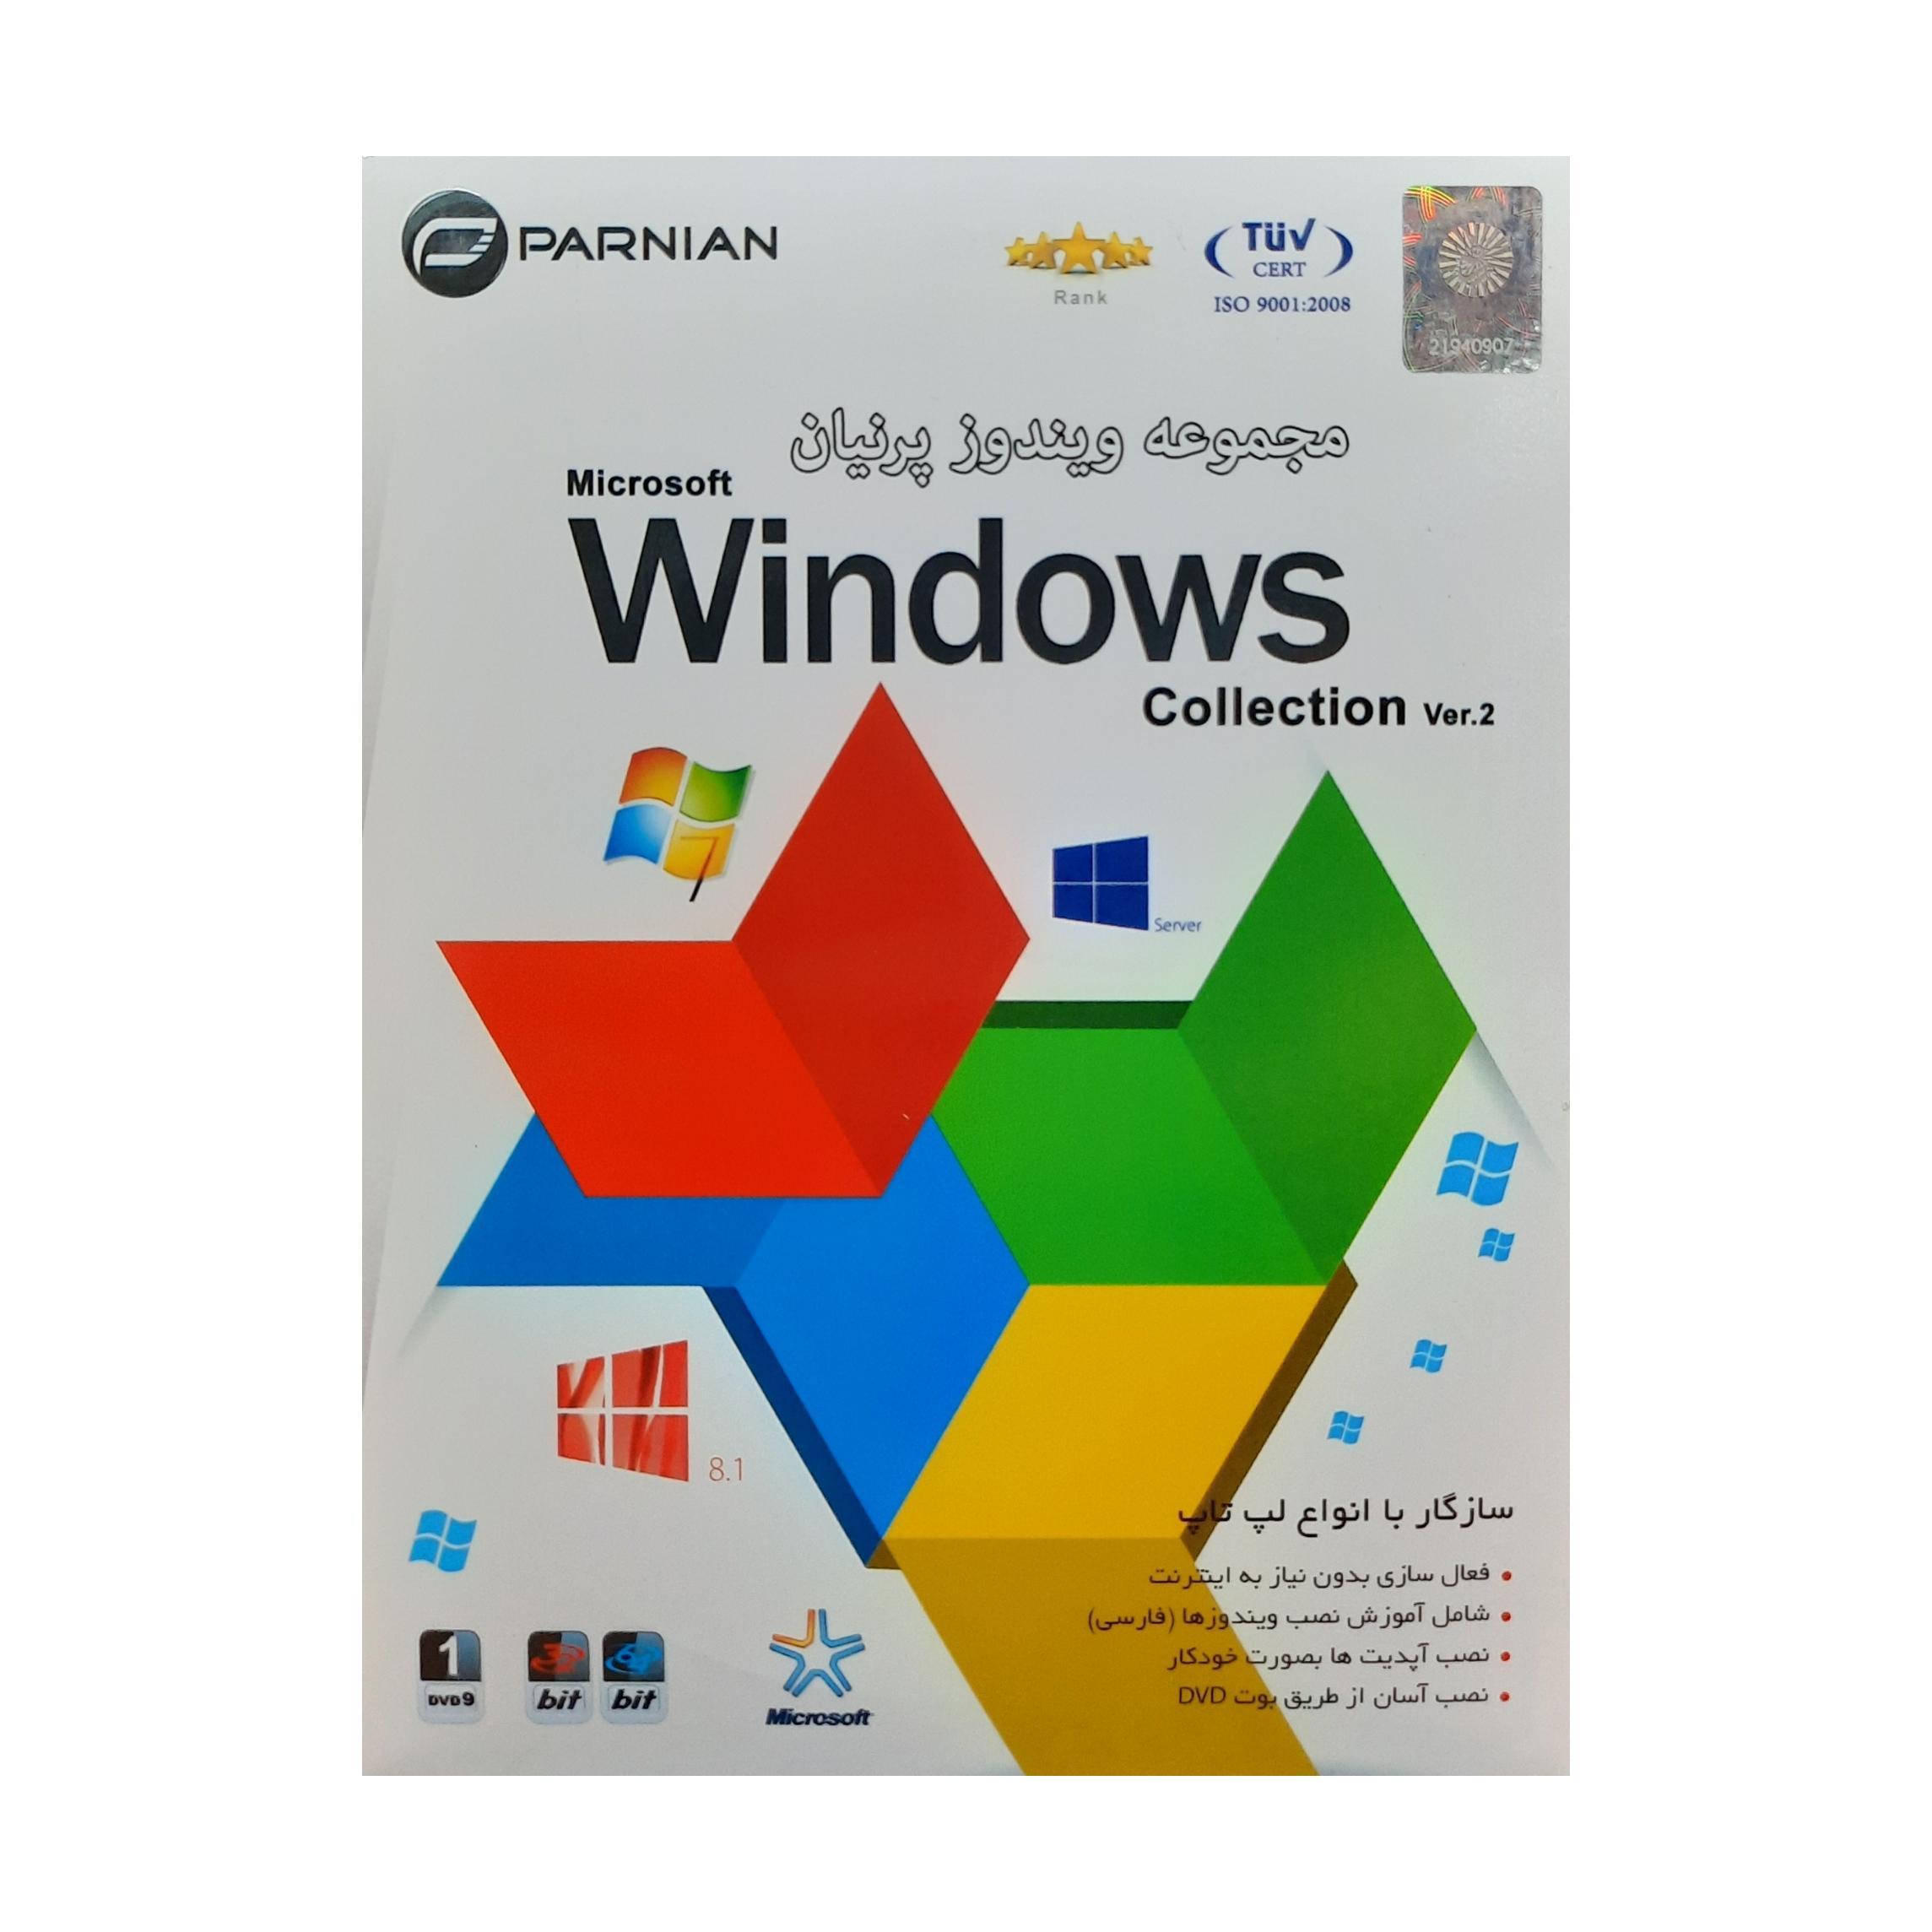 سیستم عامل  Windows Collection ver.2 نشر پرنیان